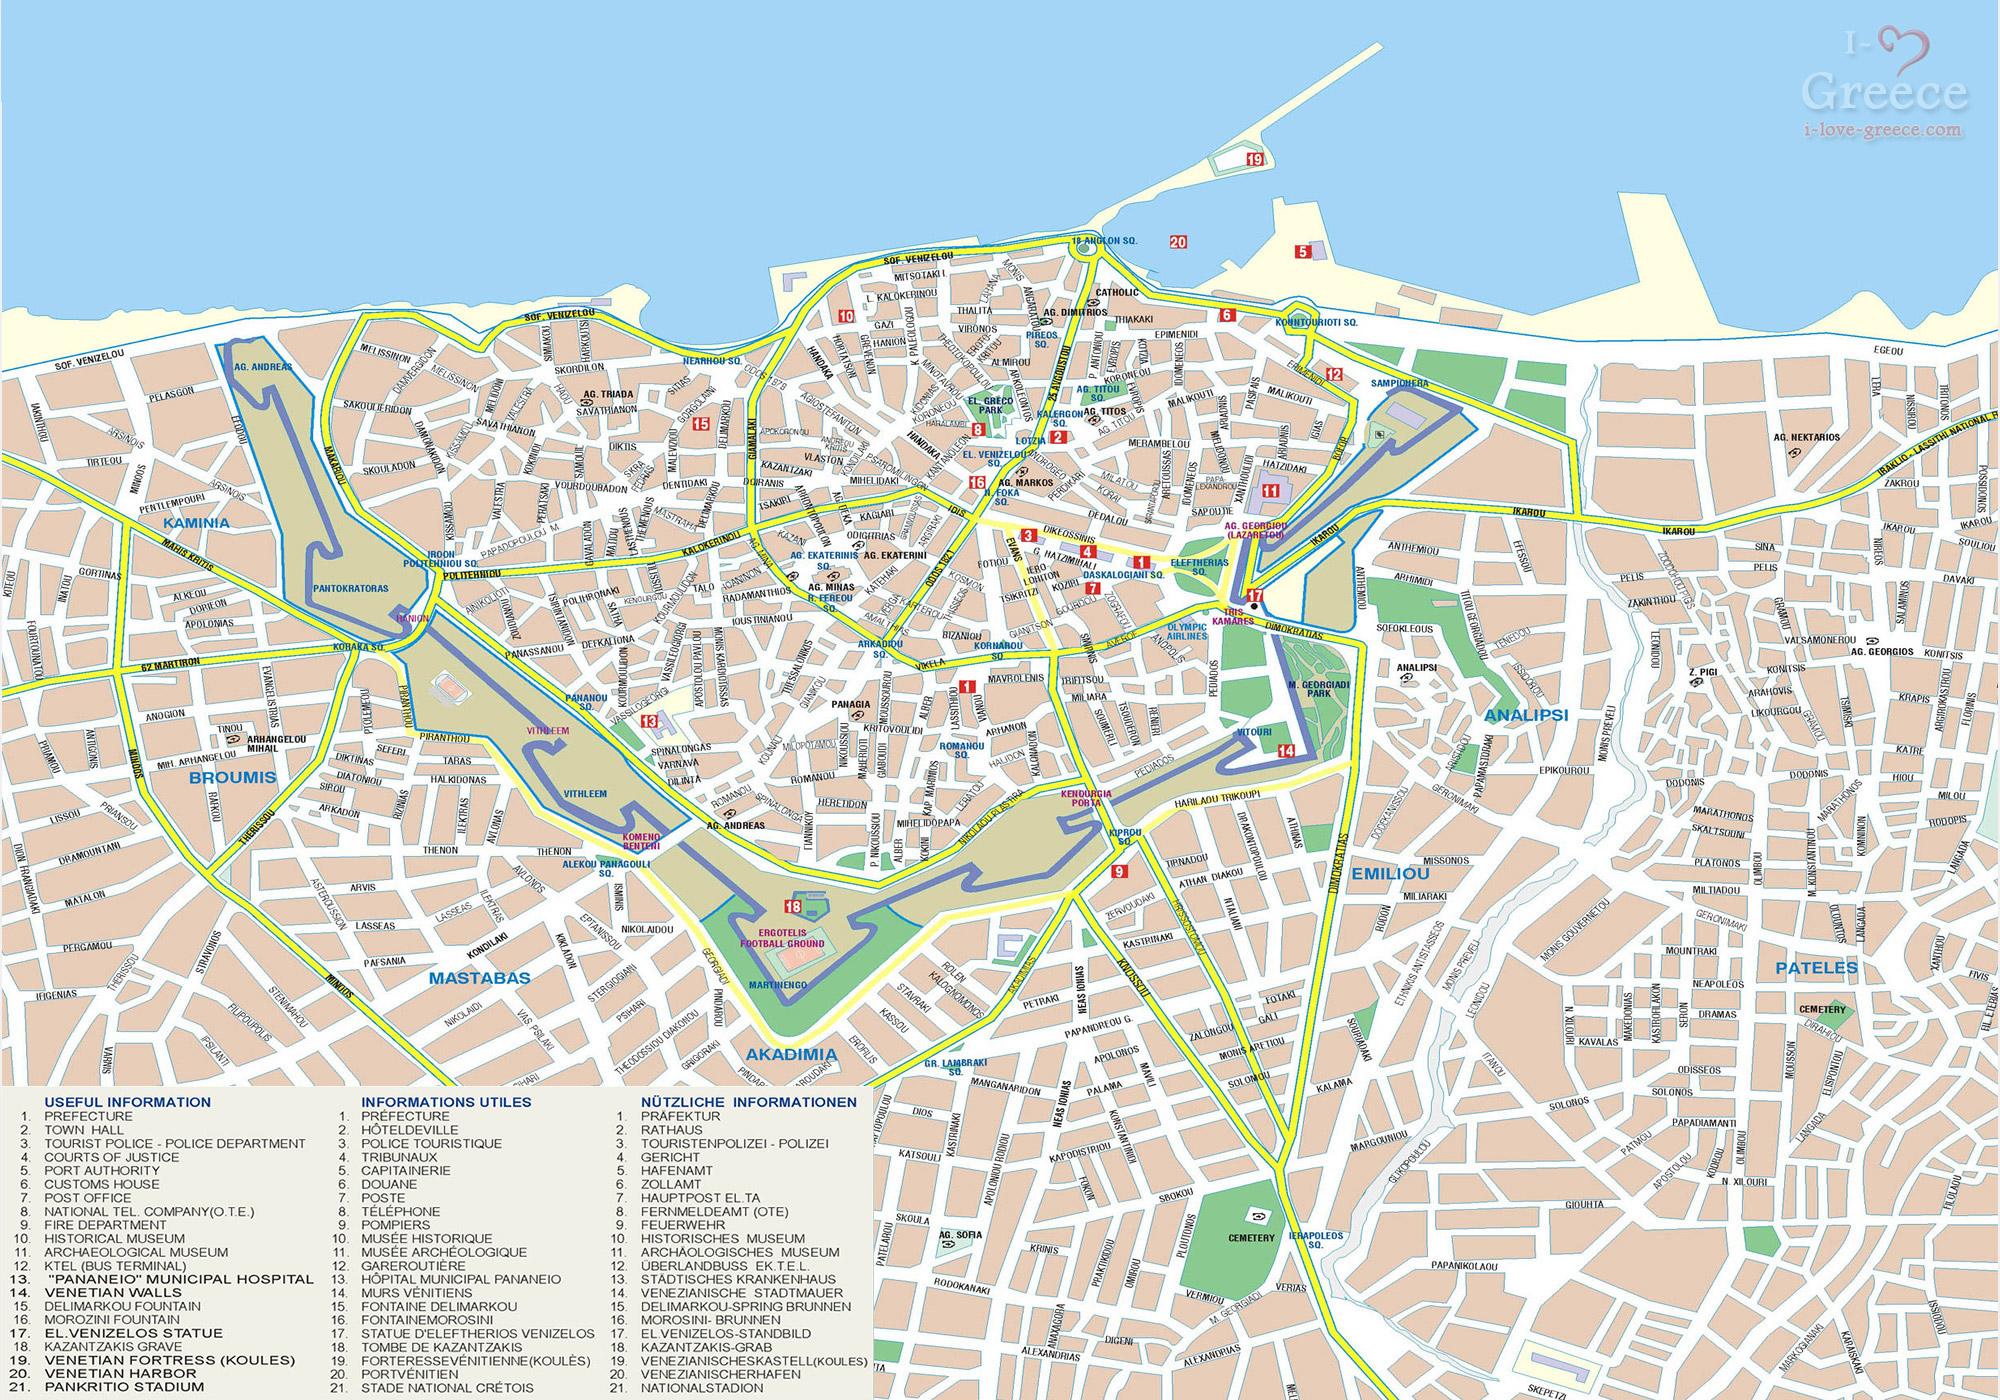 Χάρτης Πόλης Ηρακλείου